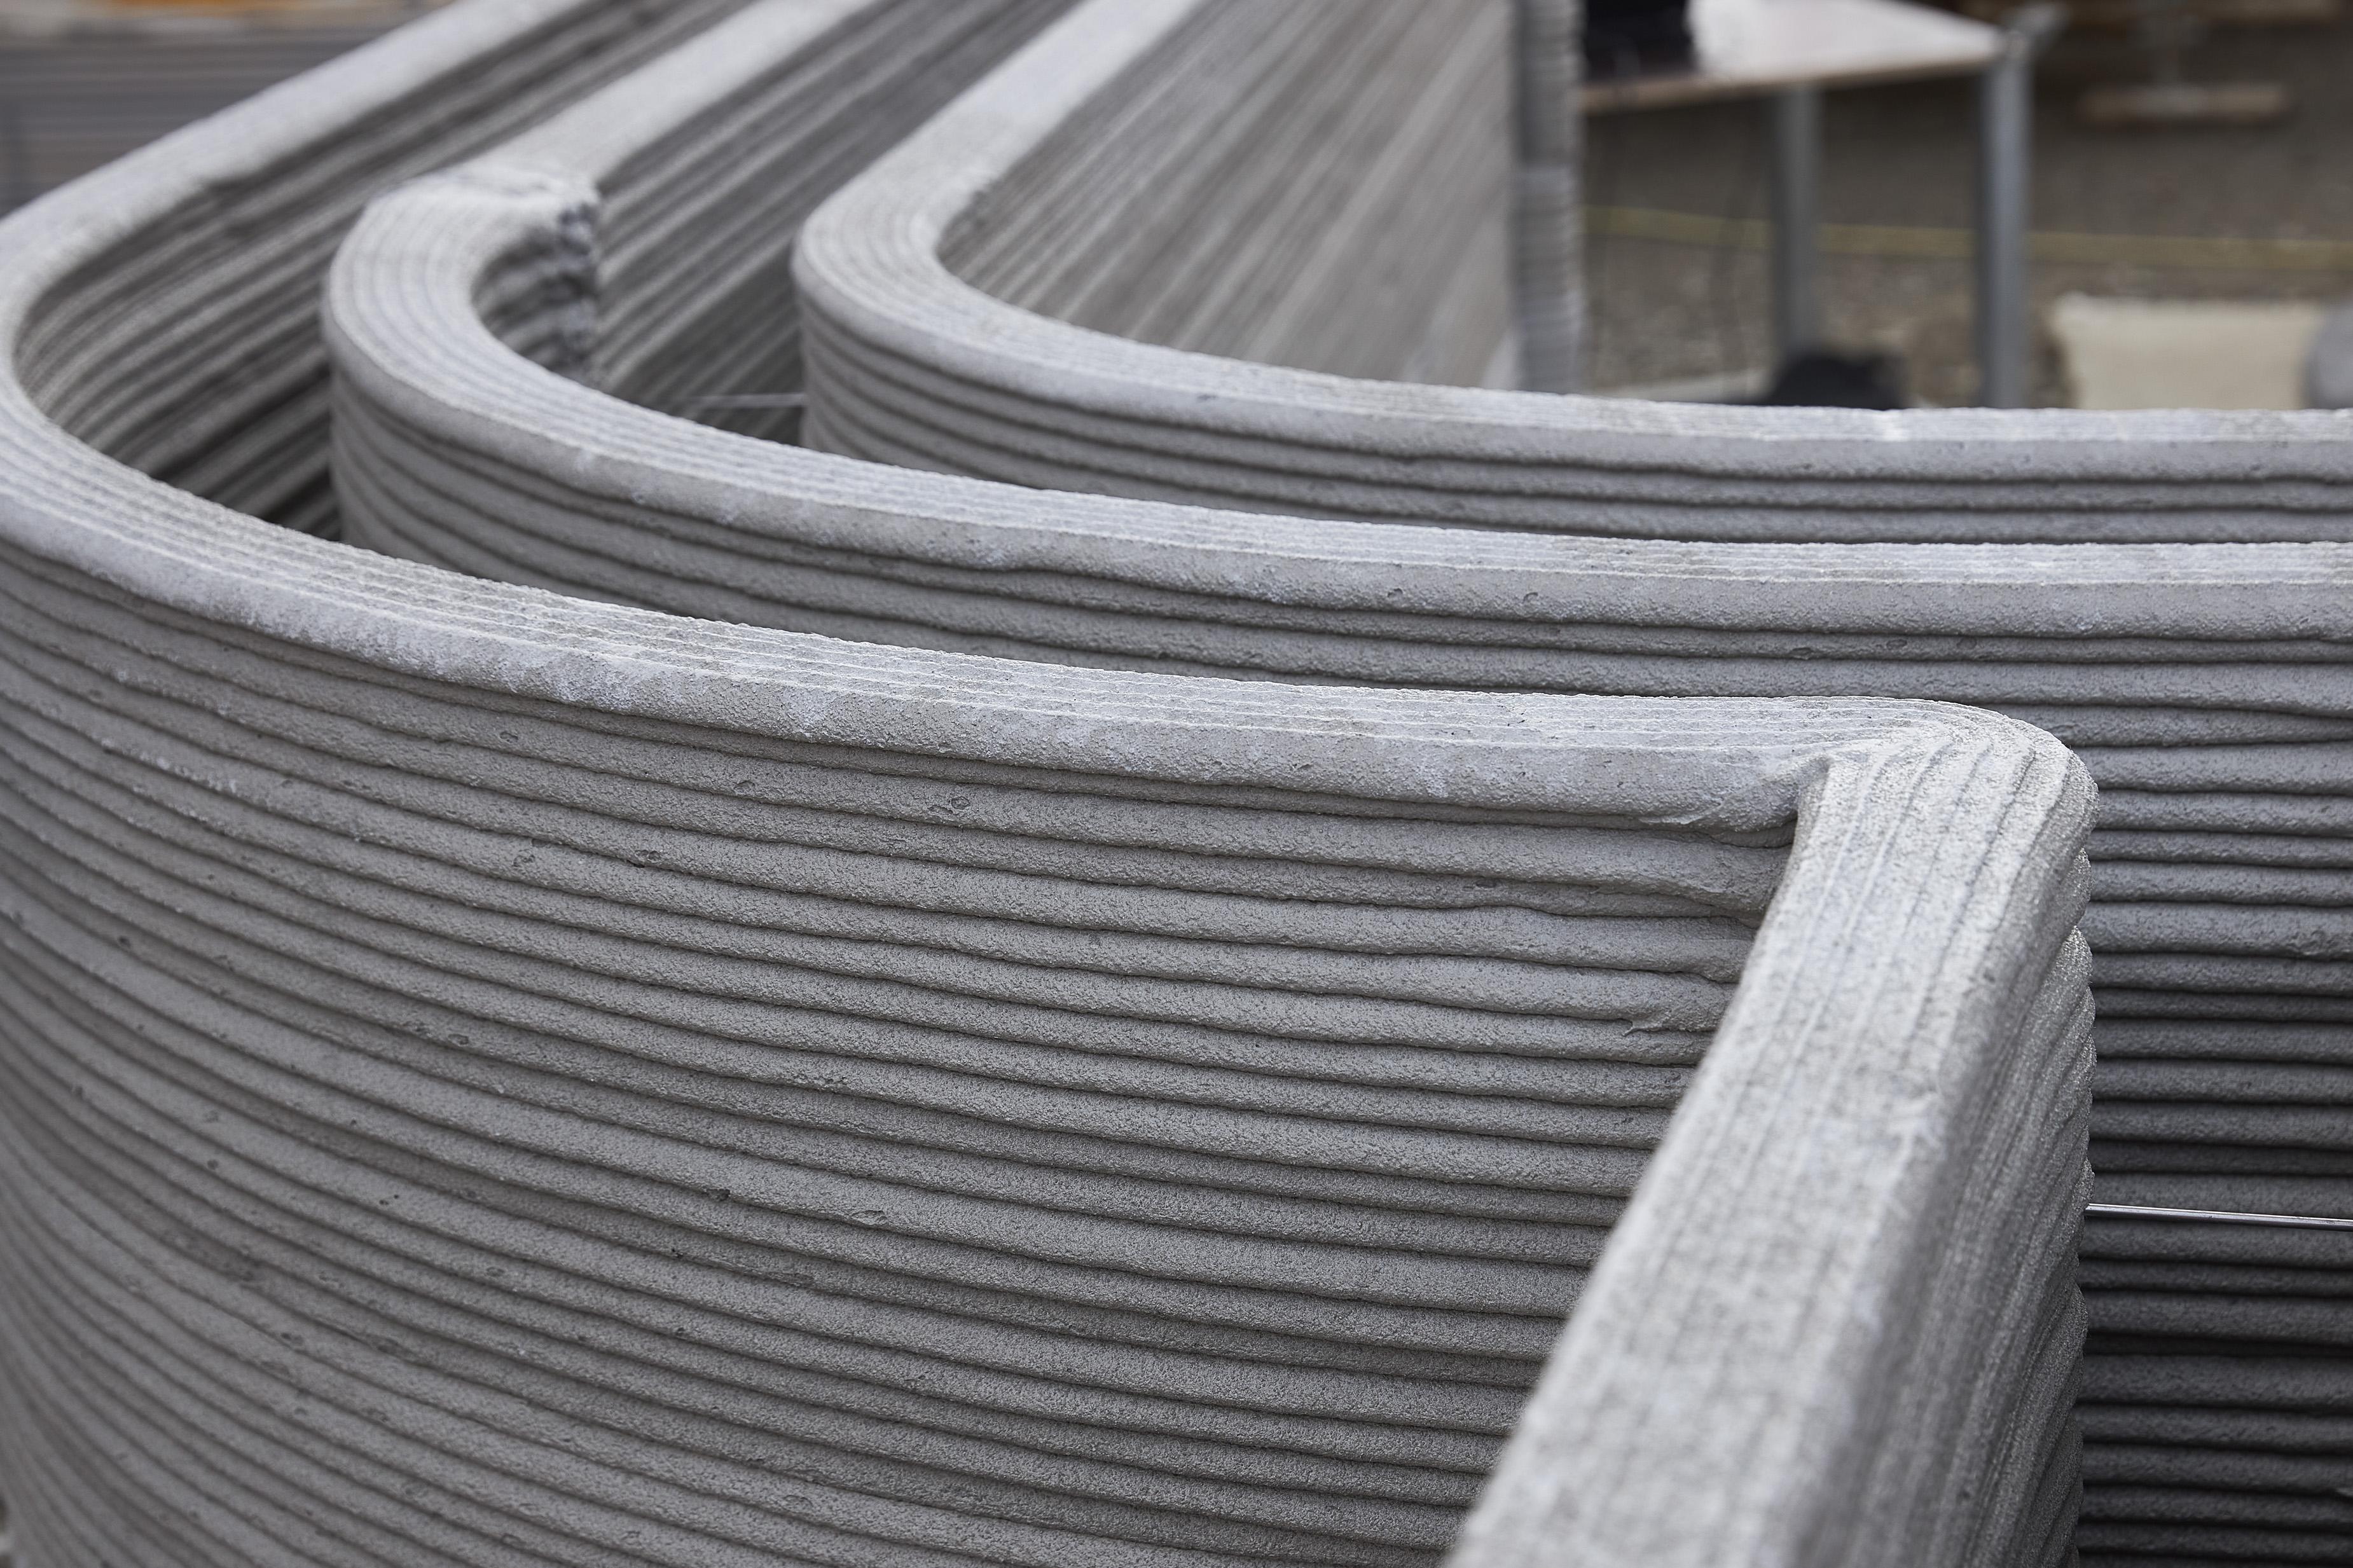 Un dettaglio dei lavori per la realizzazione della casa stampata in 3D a Beckum, in Germania / HeidelbergCement AG/Michael Rasche